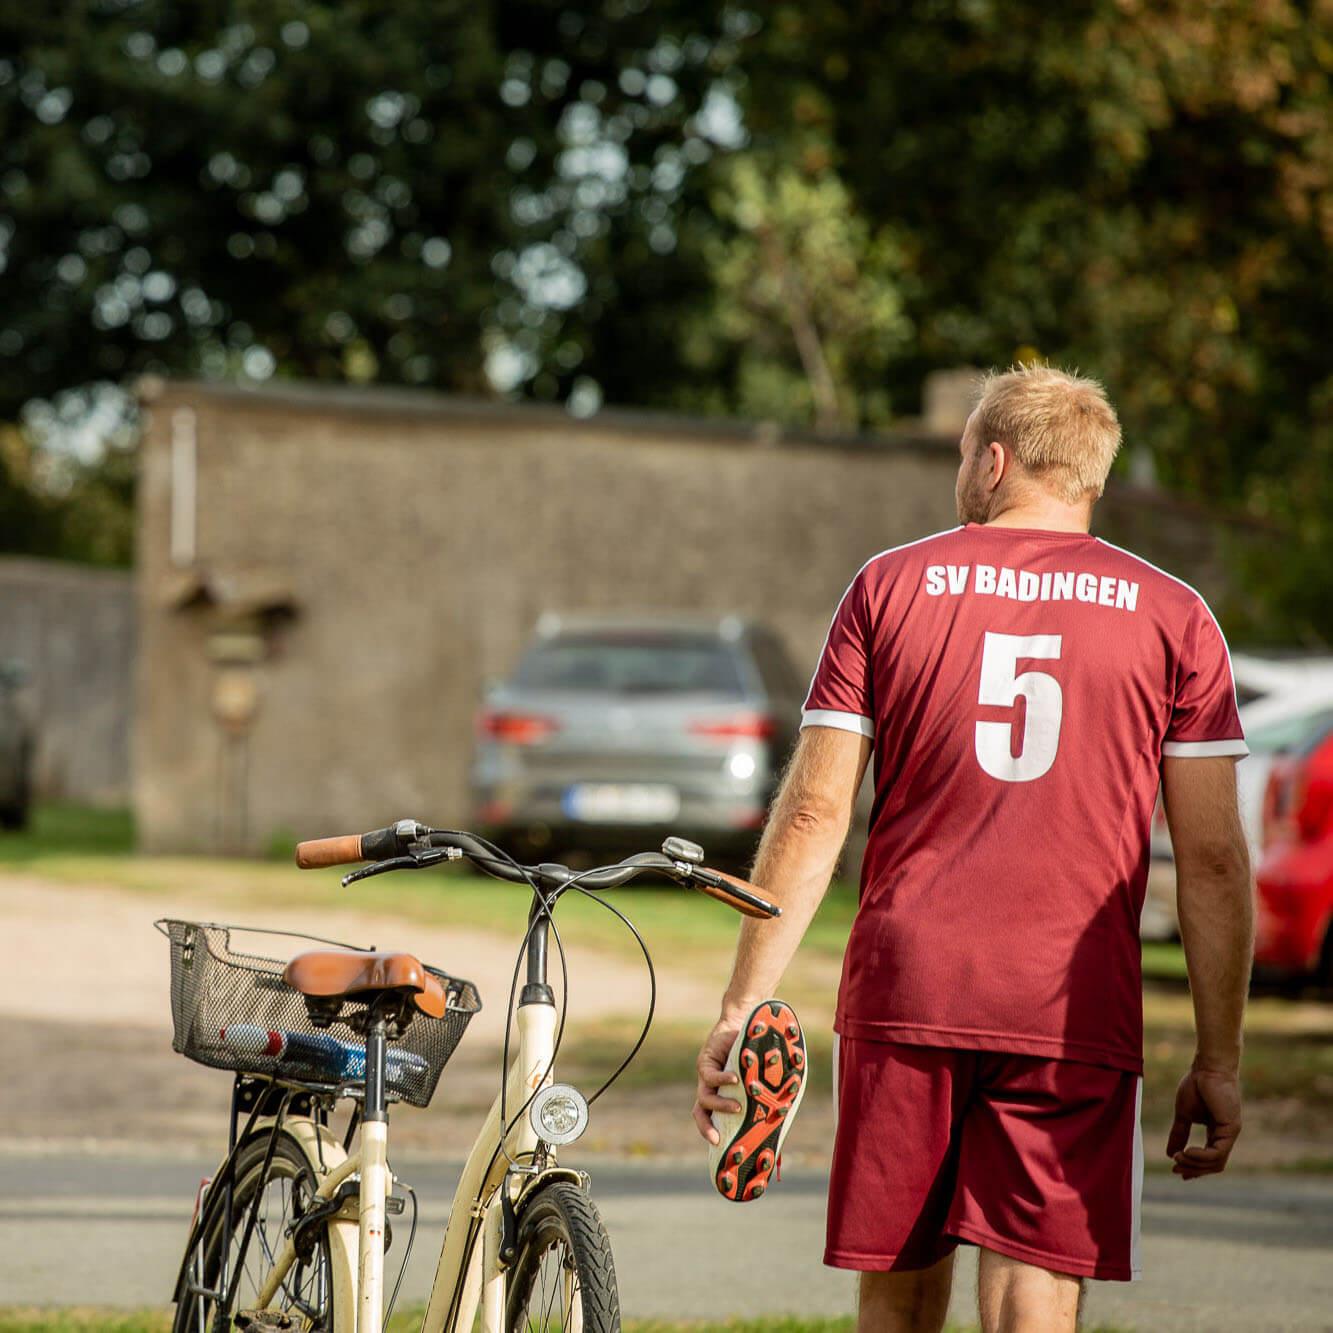 Fahrrad_quad